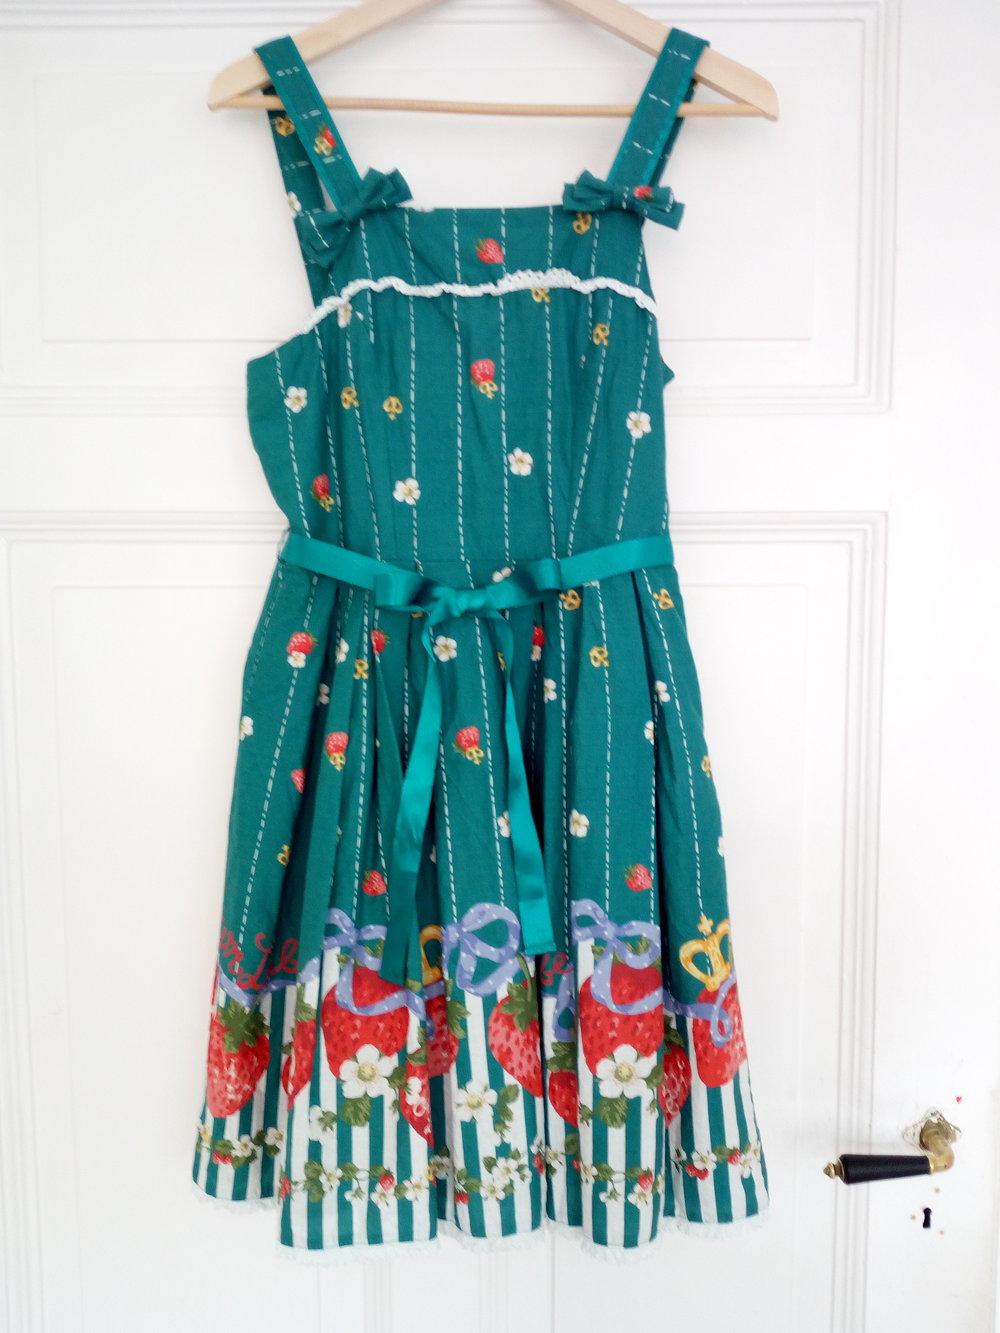 654eb0f60b6153 ... Vintage Petticoatkleid von Metamorphose mit Erdbeerprint .